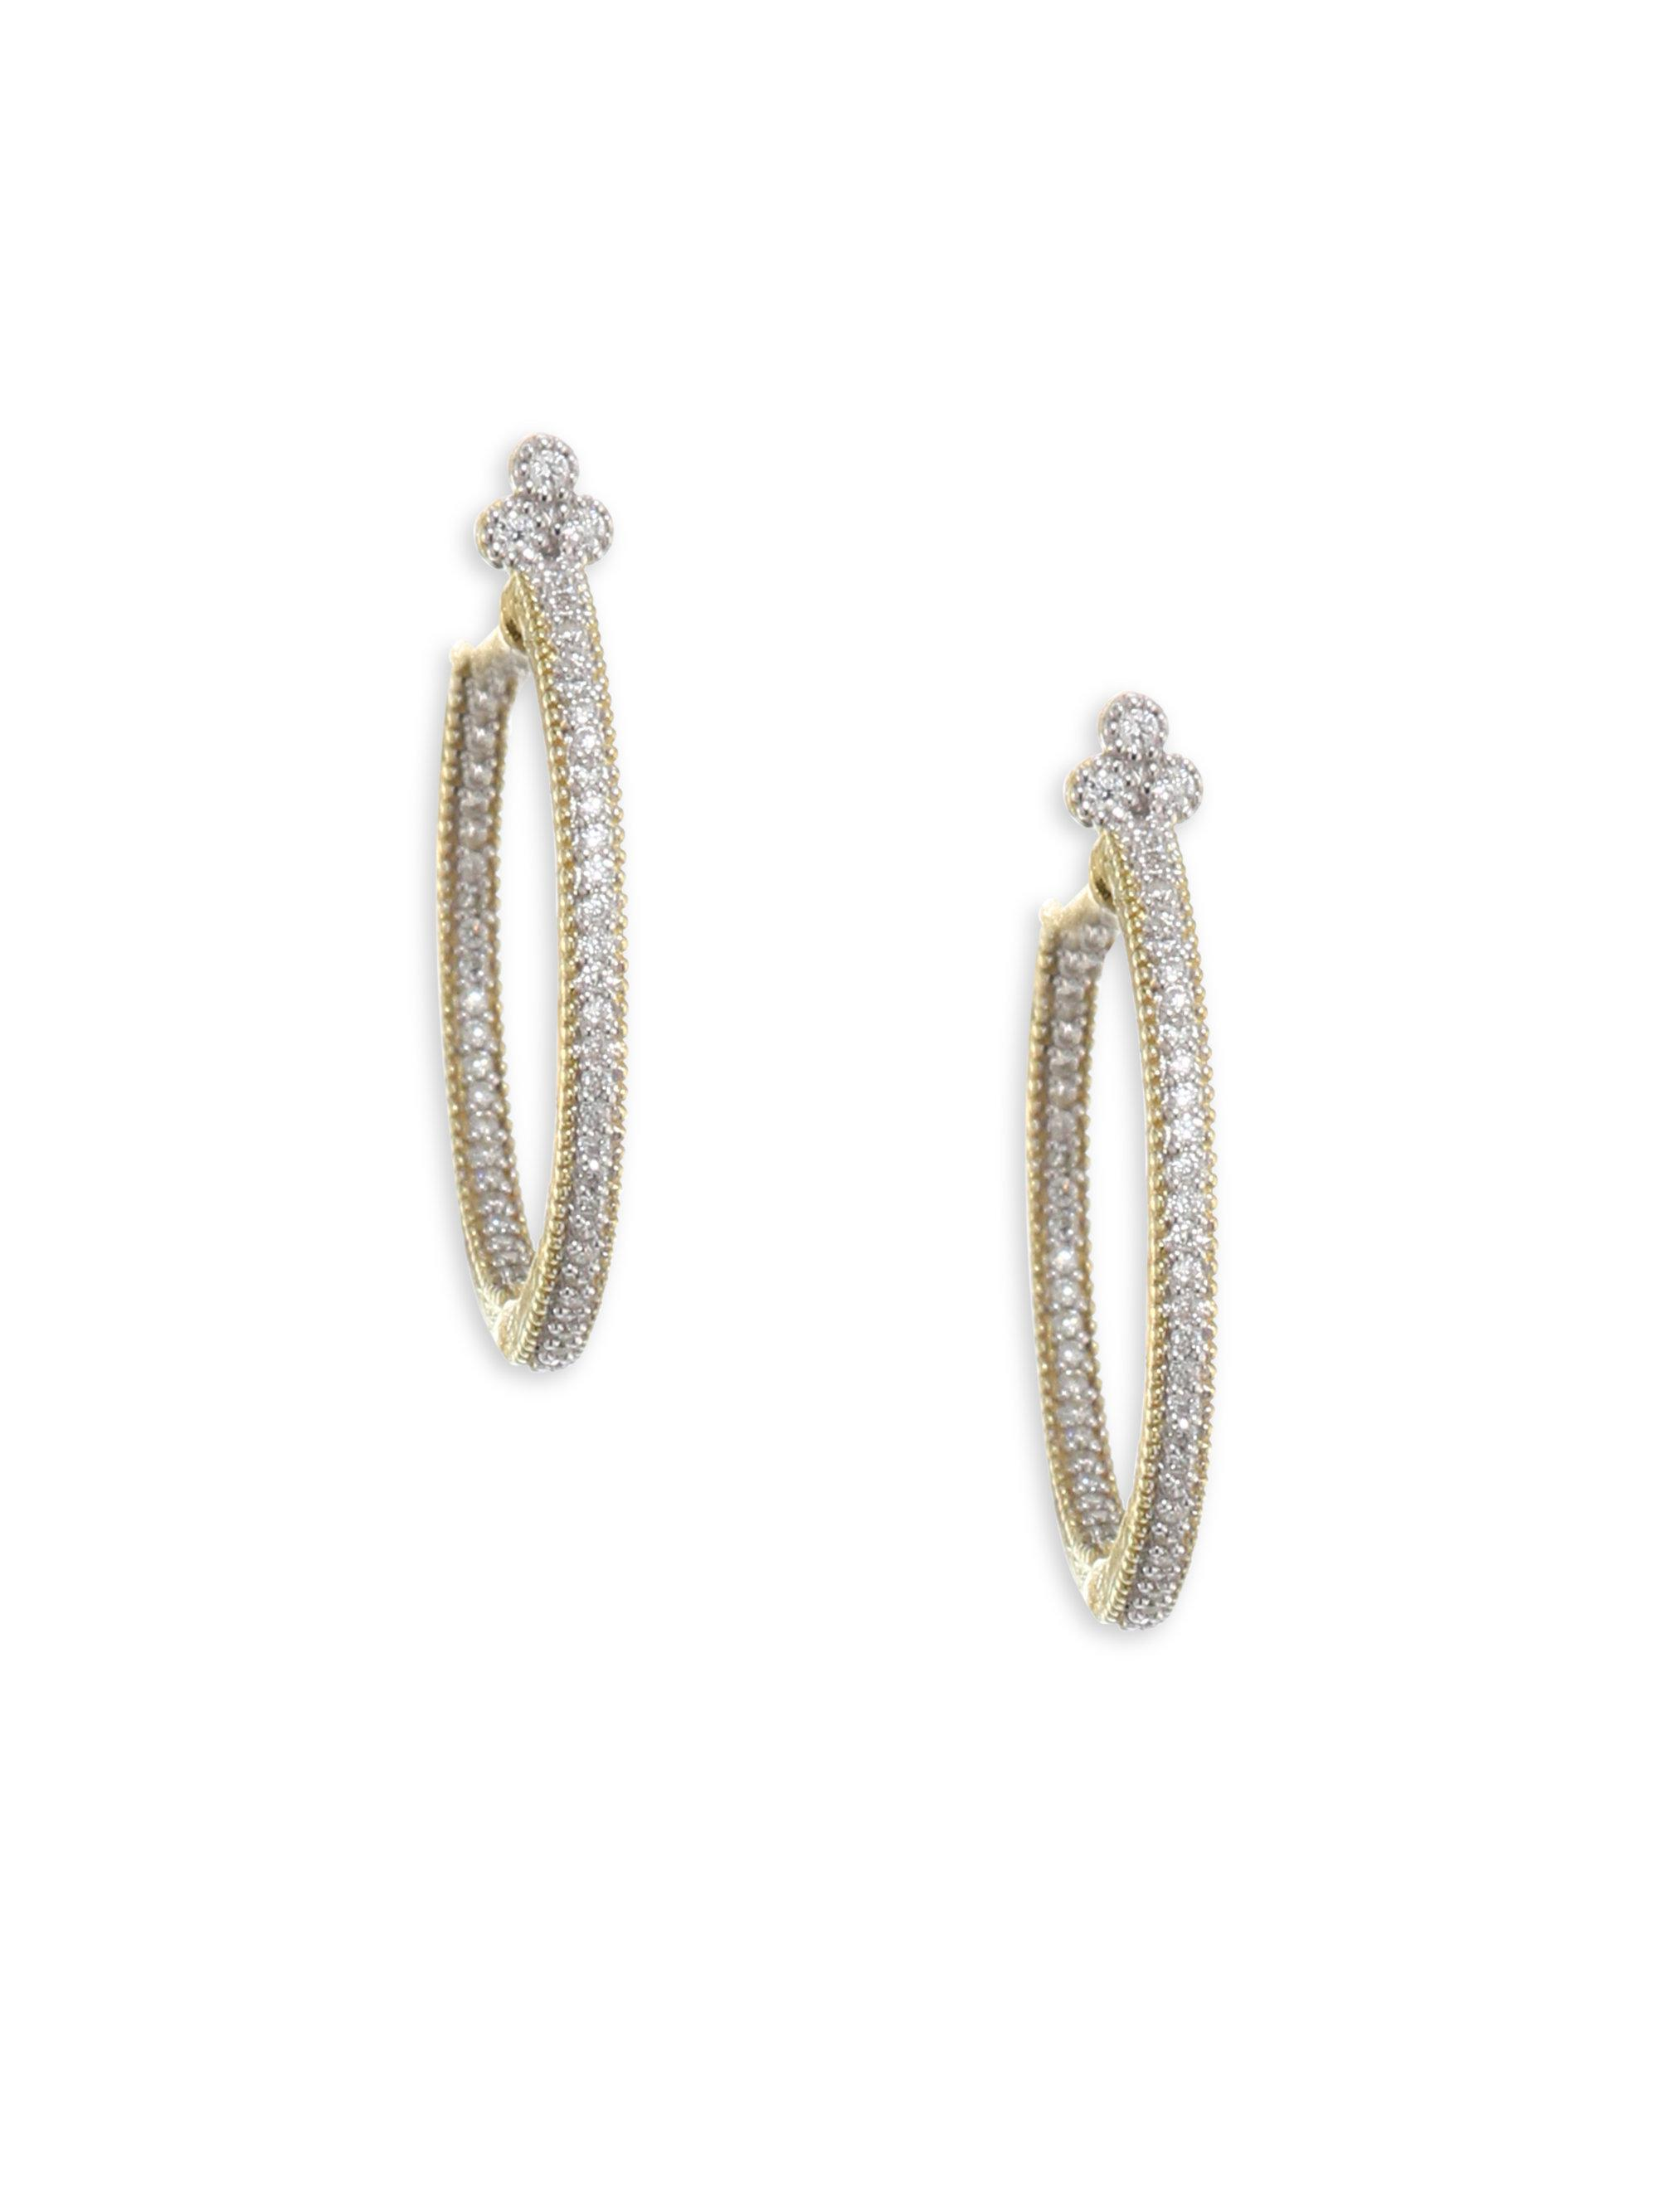 Jude Frances 18k Pave Diamond Leaf Hoop Earrings fsCzHD